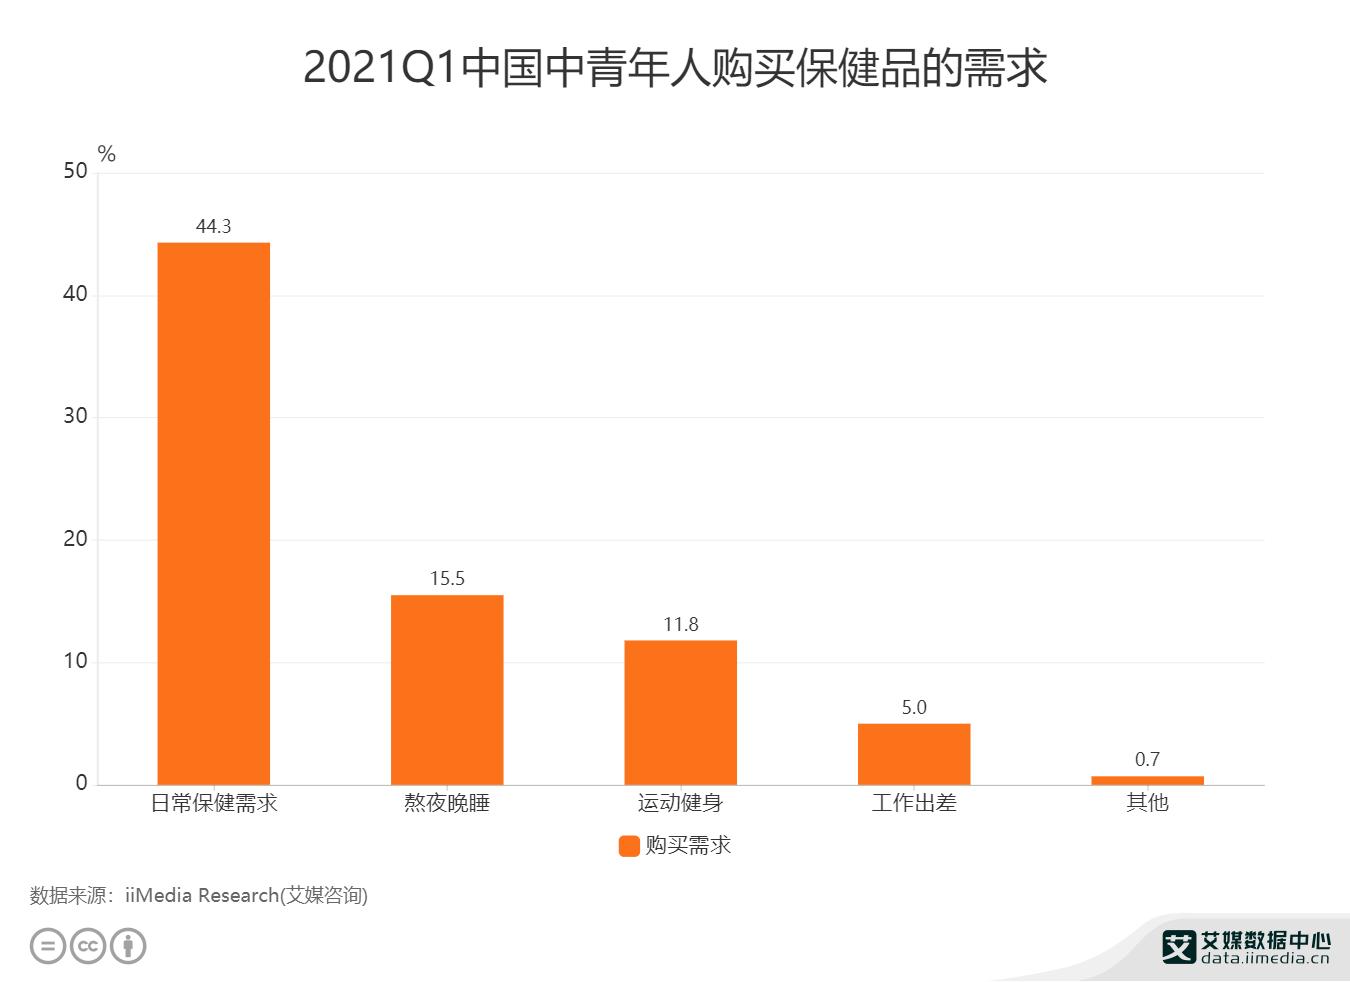 2021Q1中国中青年人购买保健品的需求